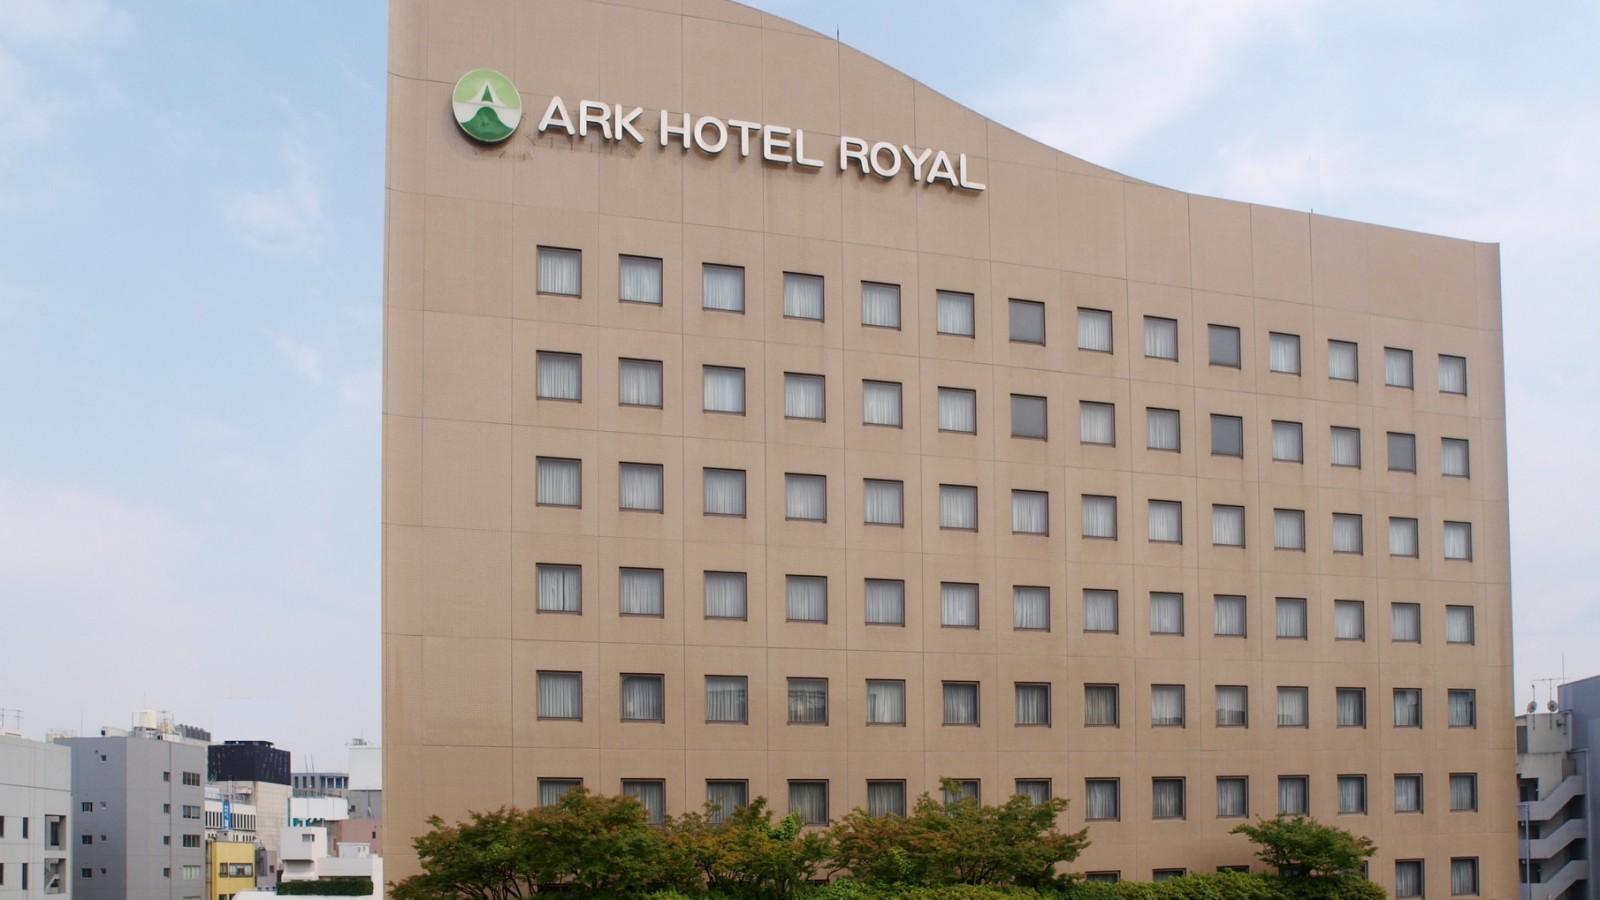 アークホテル ロイヤル 福岡天神◆楽天トラベル